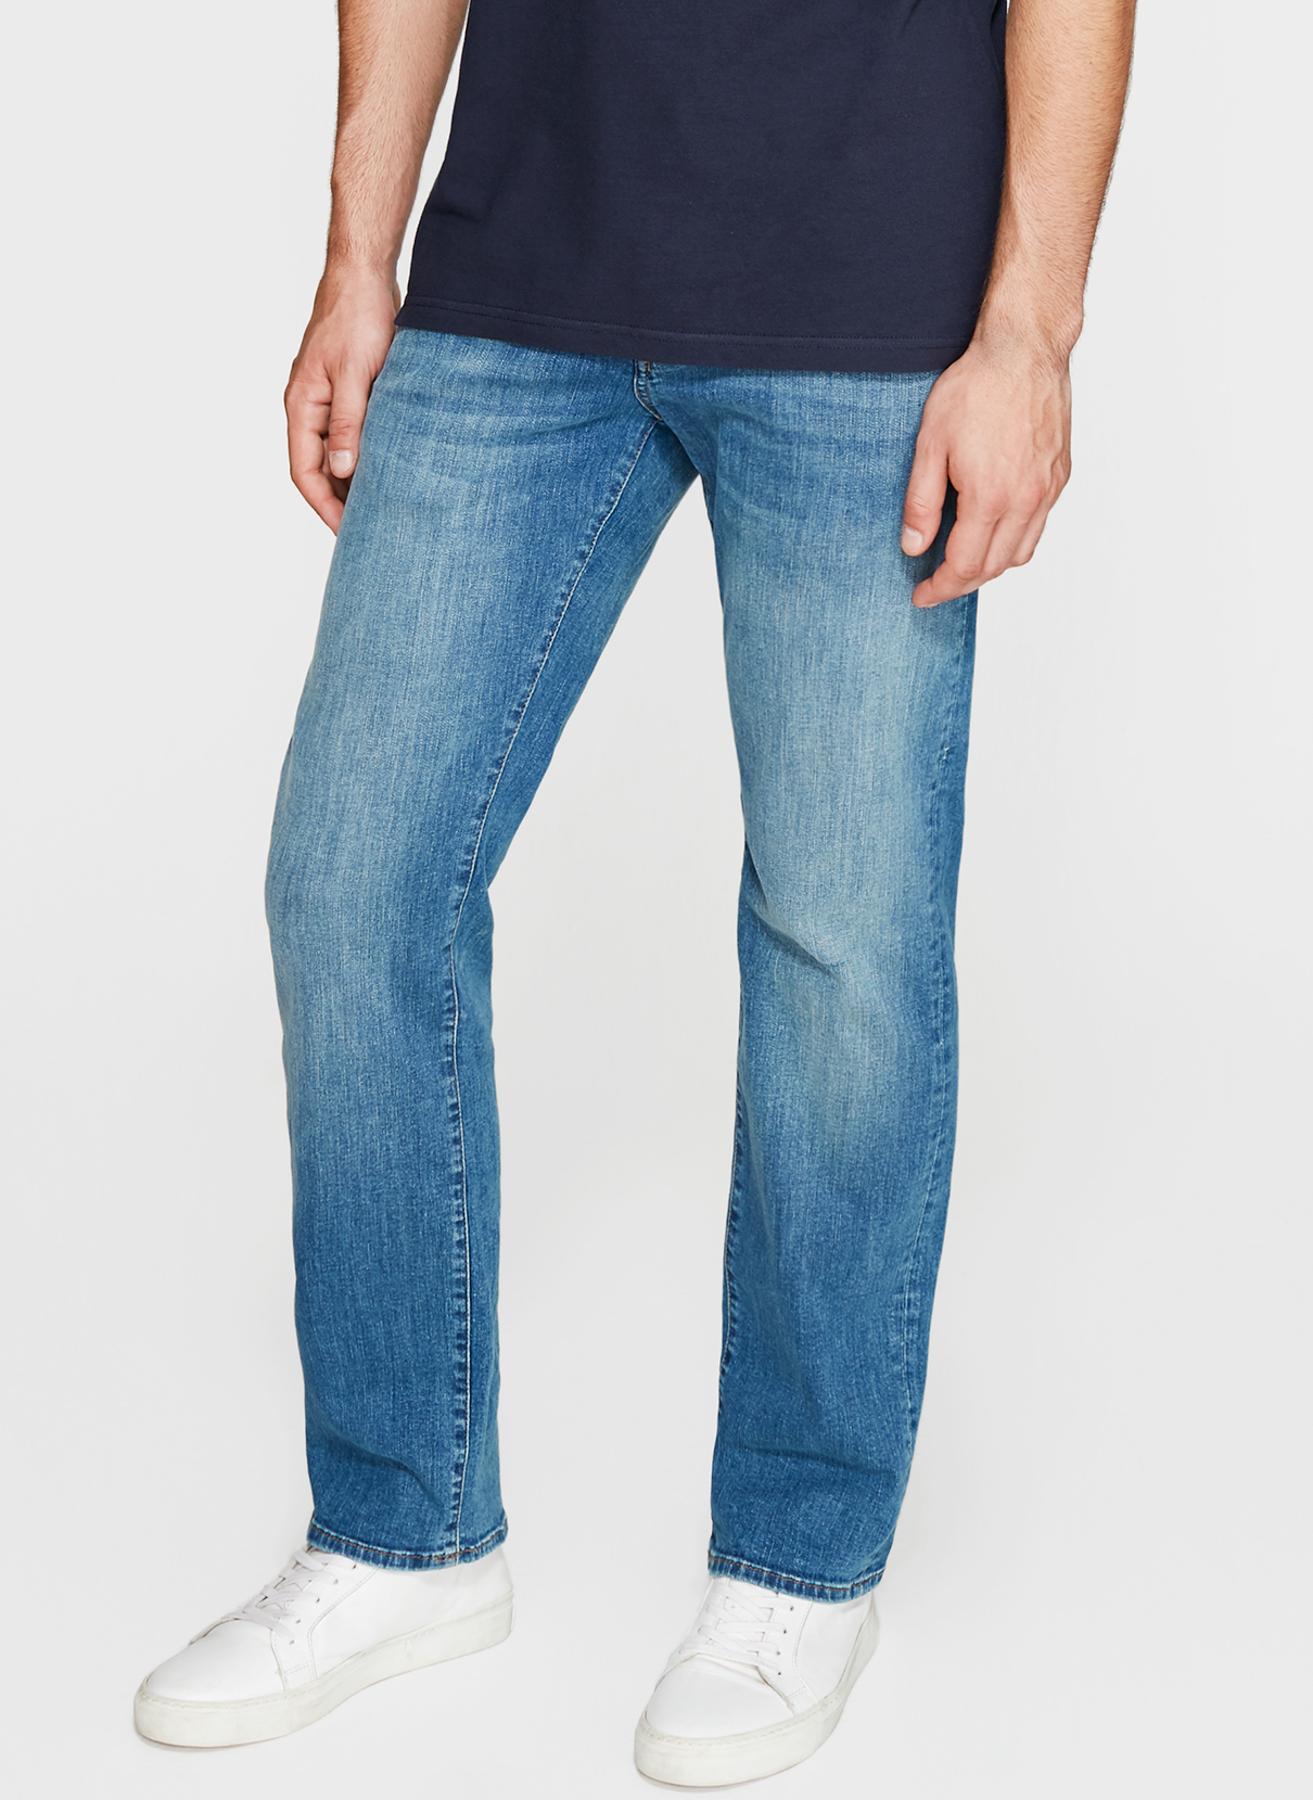 Mavi Denim Pantolon 31-32 5002302796030 Ürün Resmi